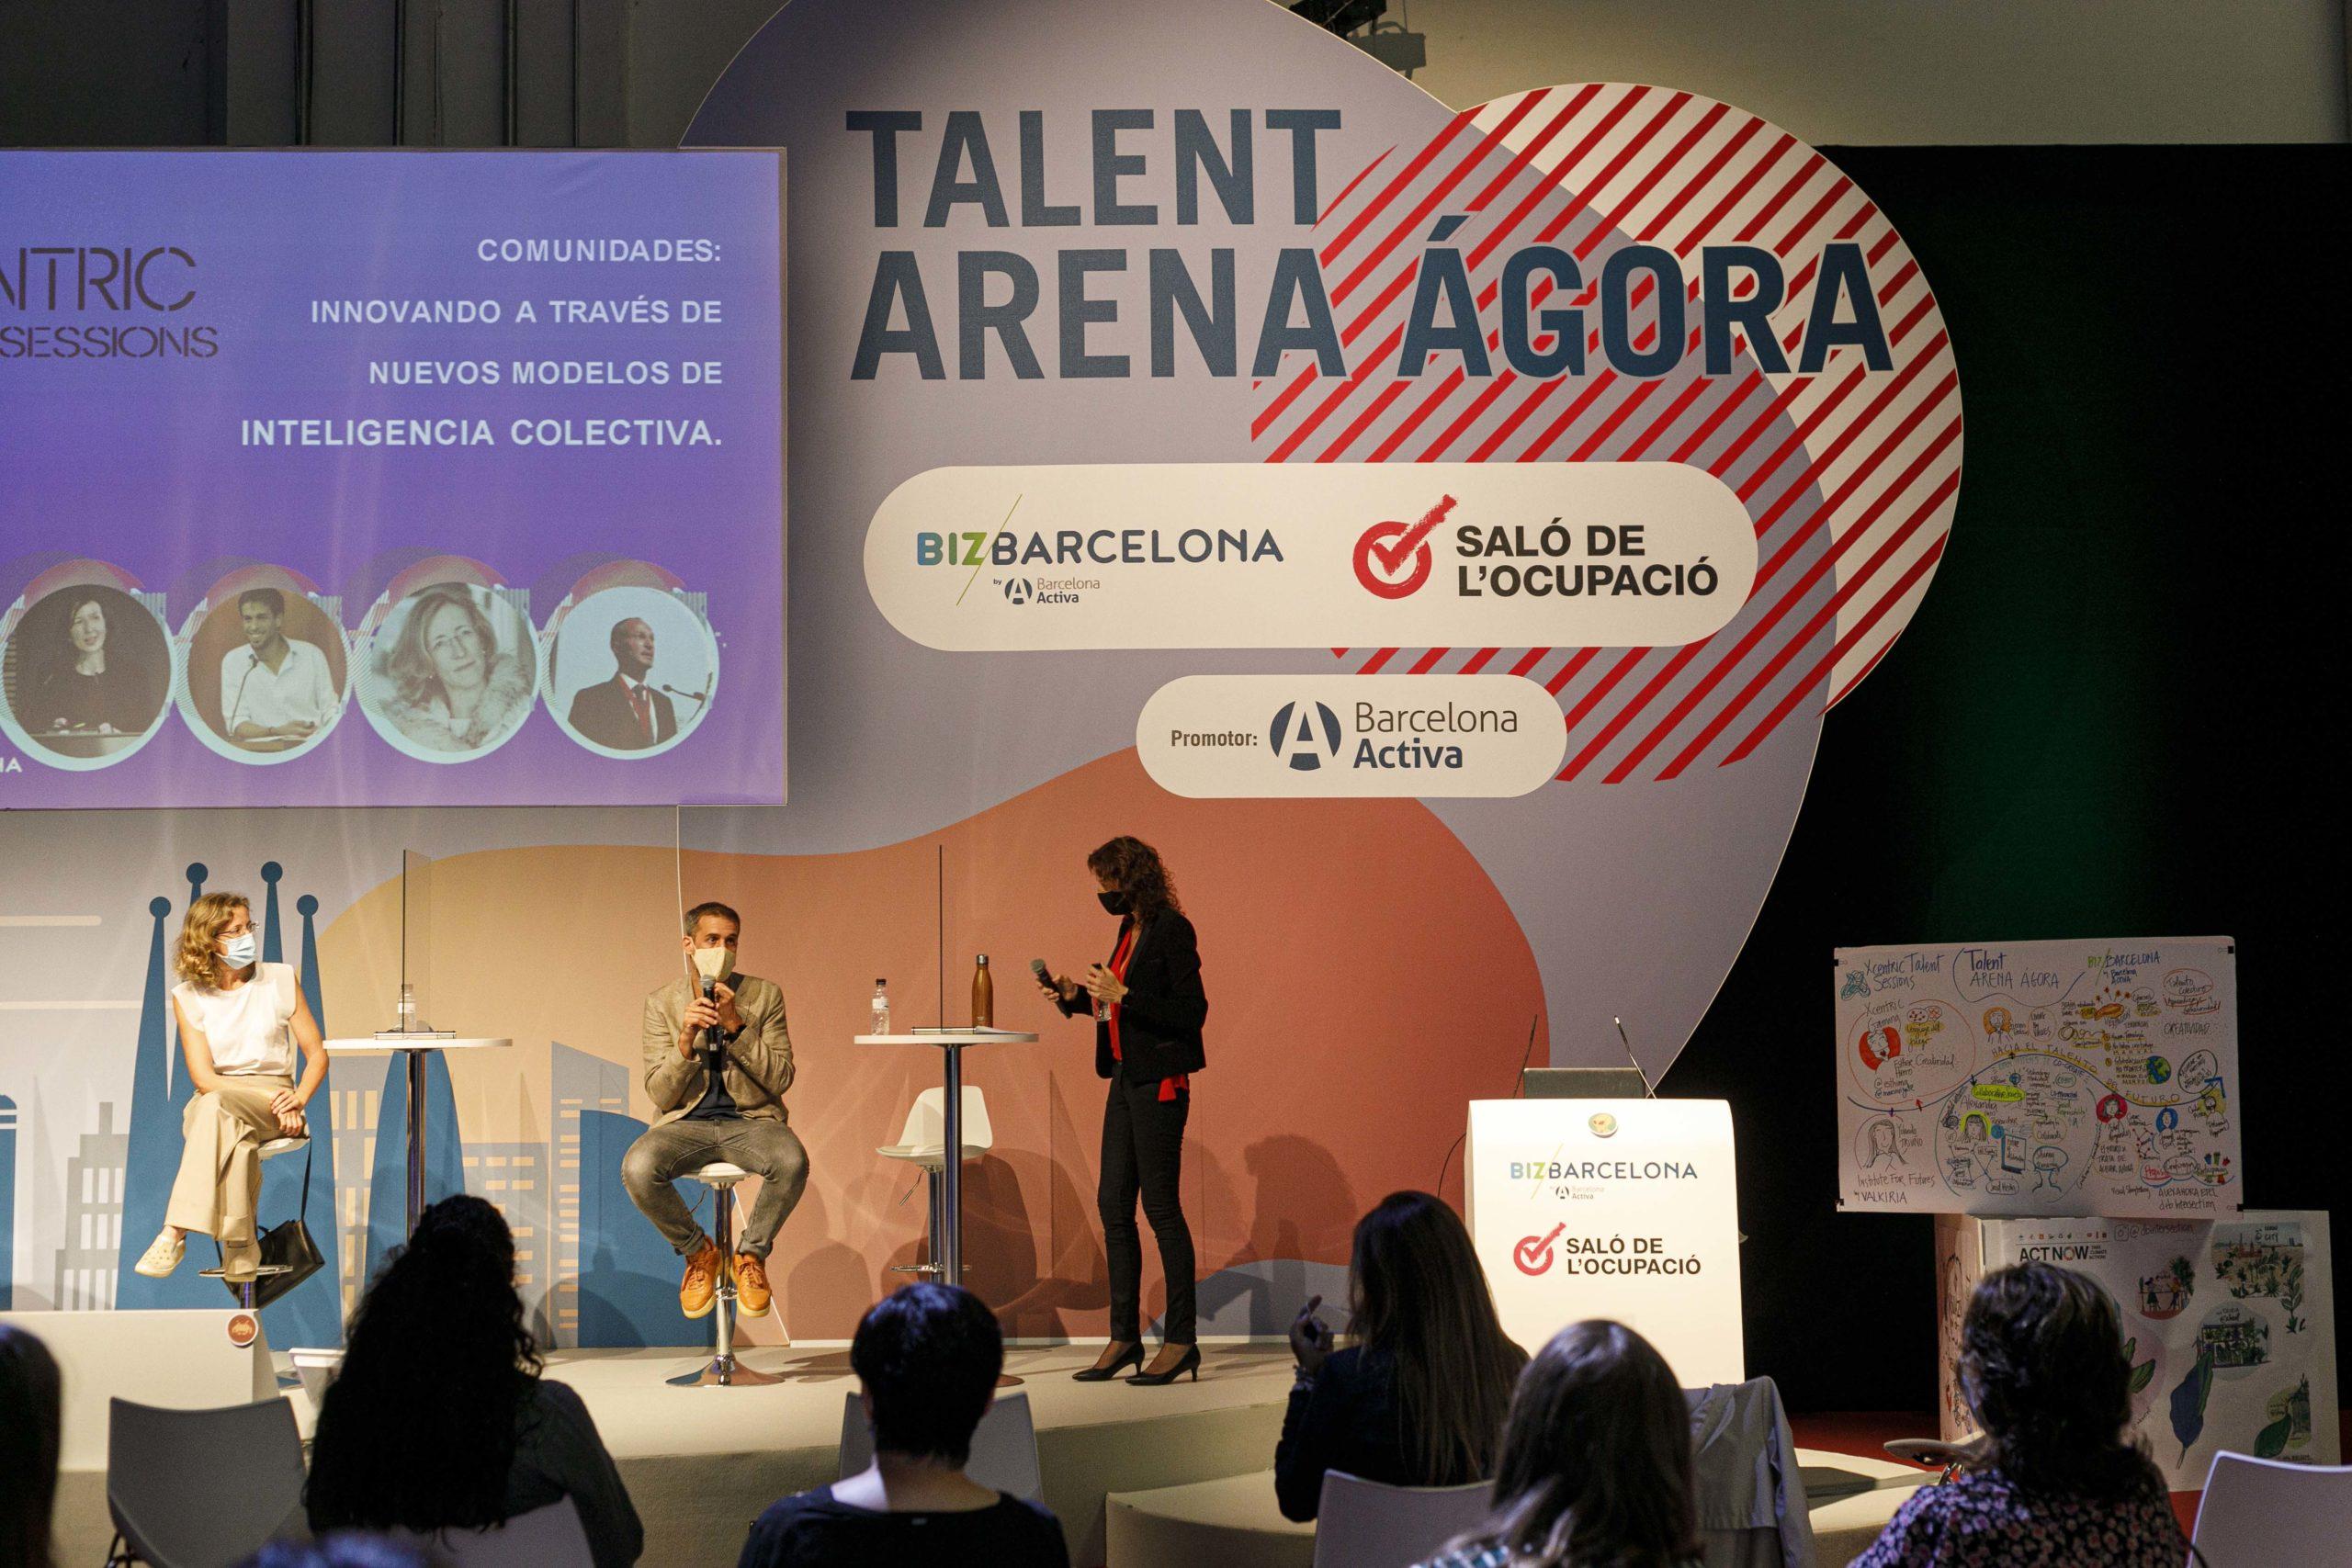 Talent Arena en Bizbarcelona y Saló Ocupació 2020